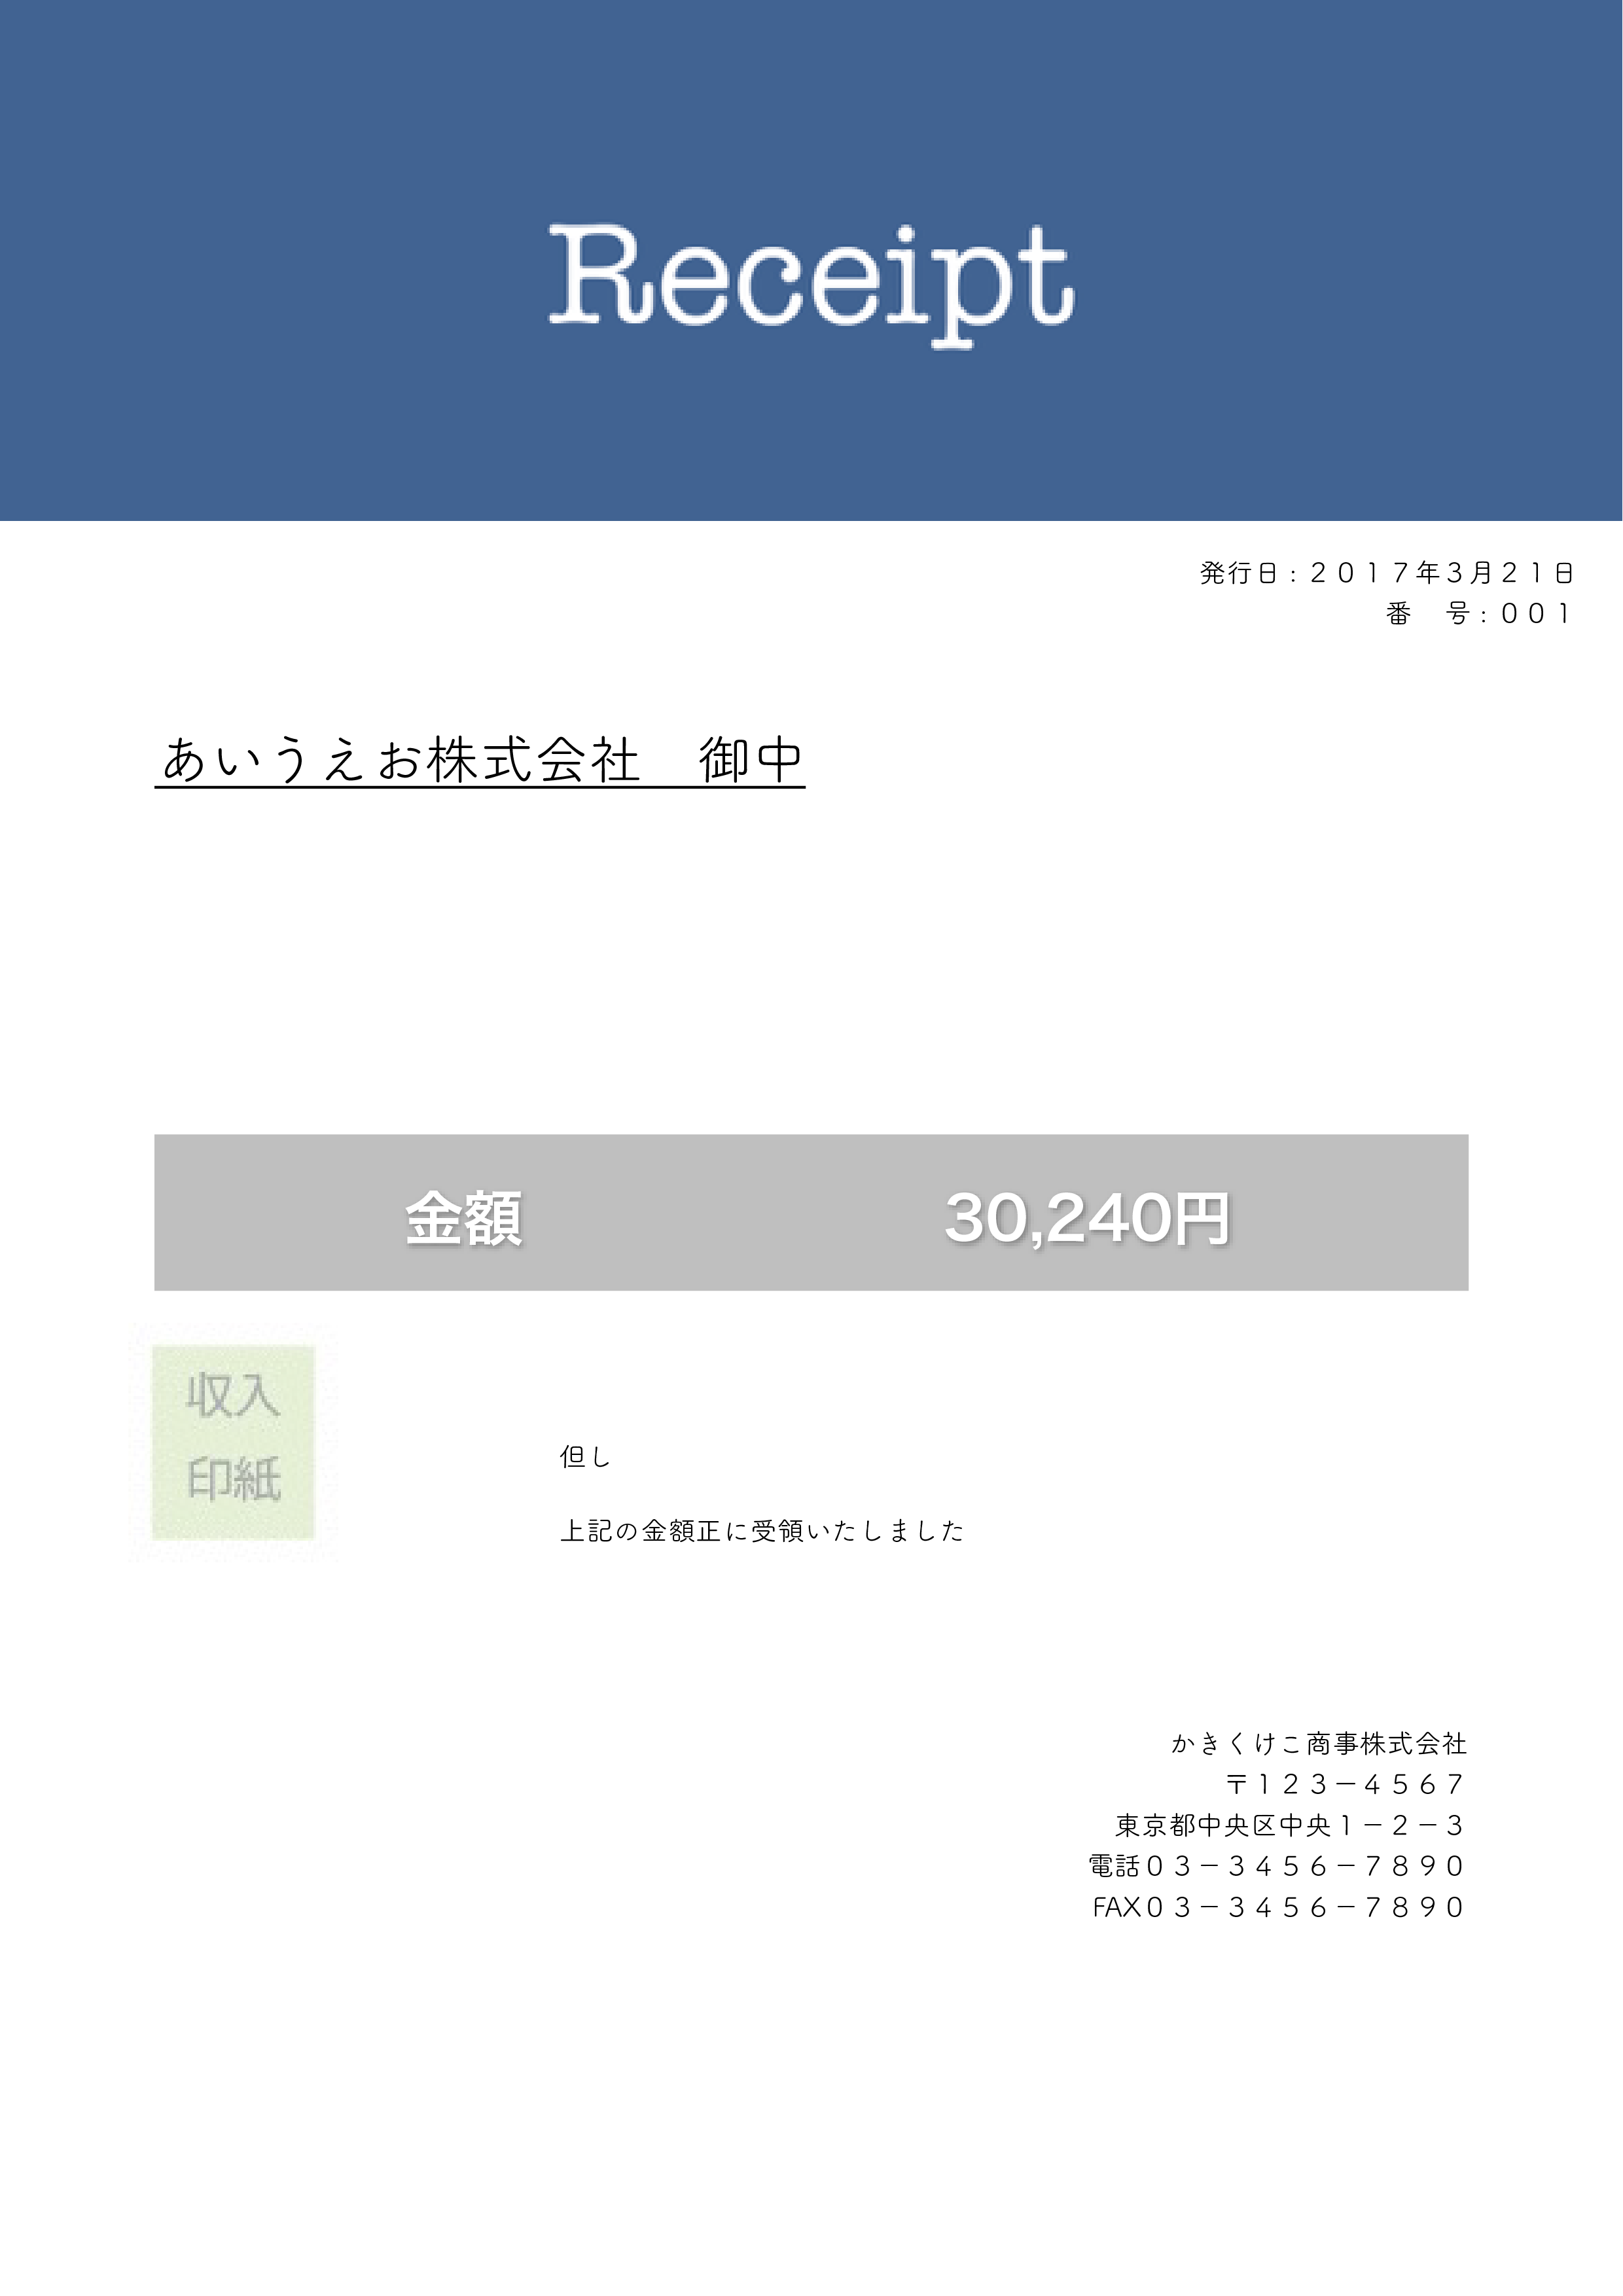 おしゃれな領収書(Receipt)テンプレート(ワード、ページズ)A4サイズ ネイビー